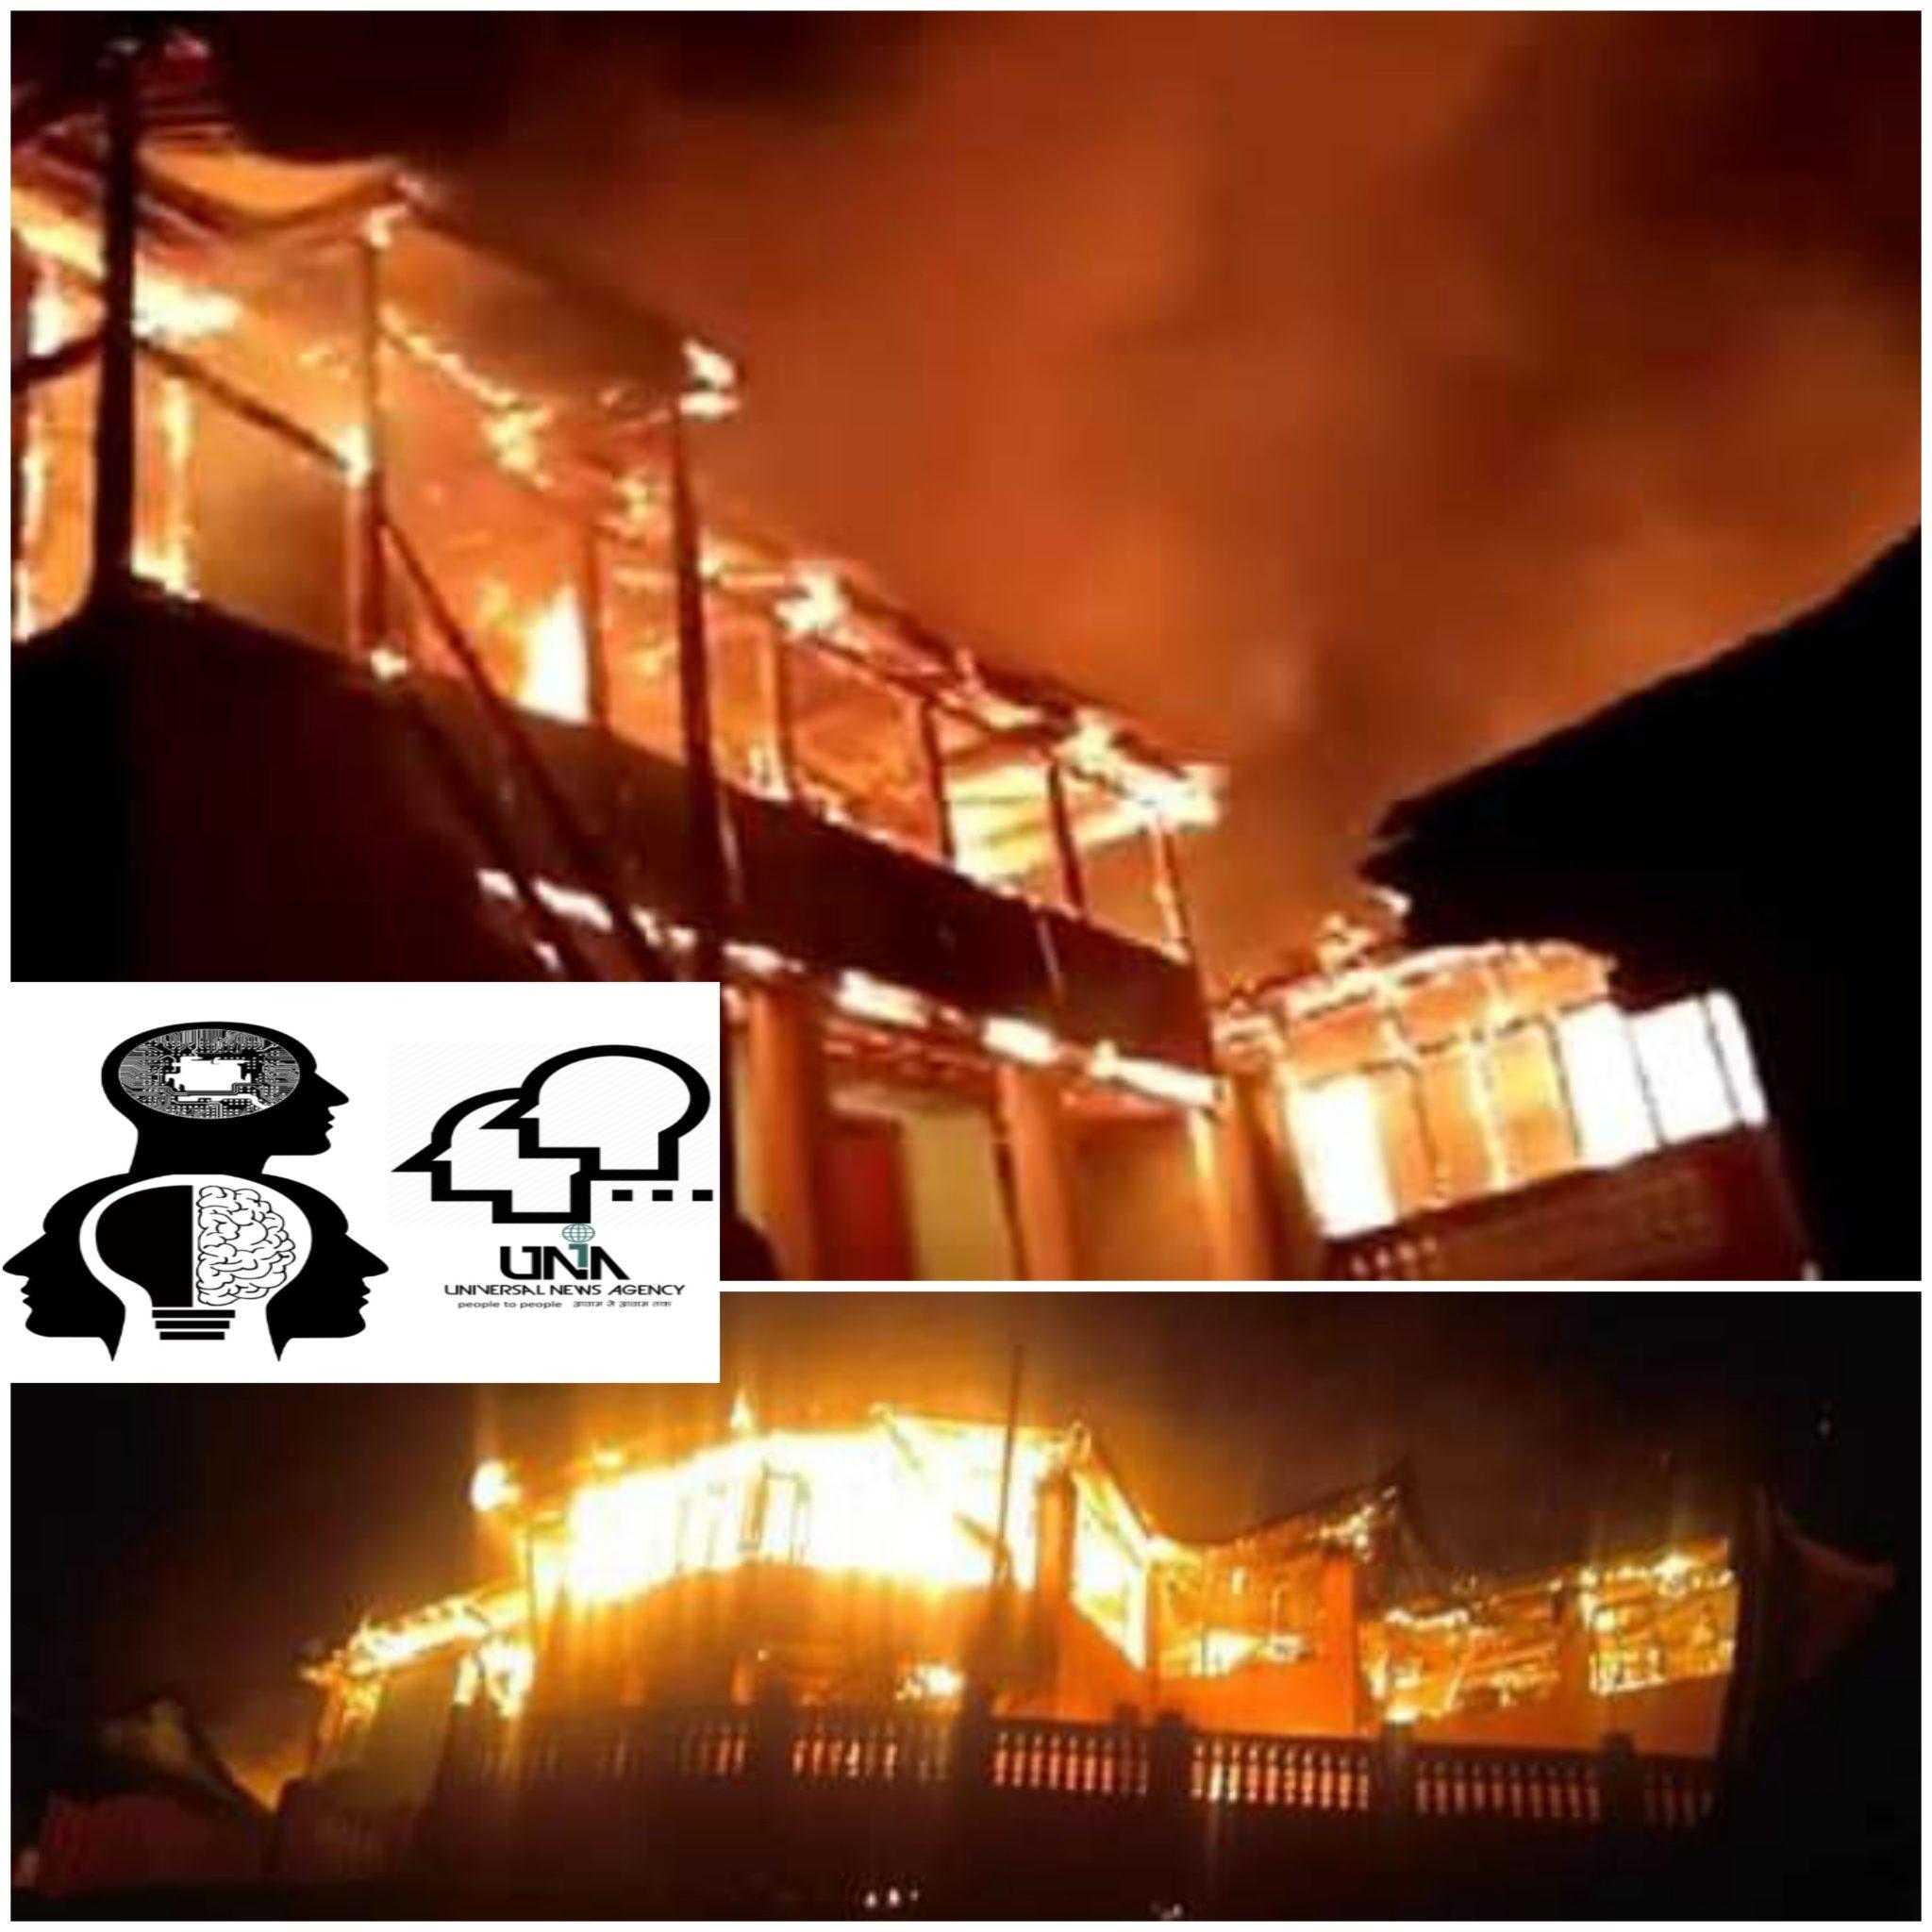 हिमाचल- प्रदेश के चडग़ांव में अचानक आग लगने से 20 घर जलकर खाक